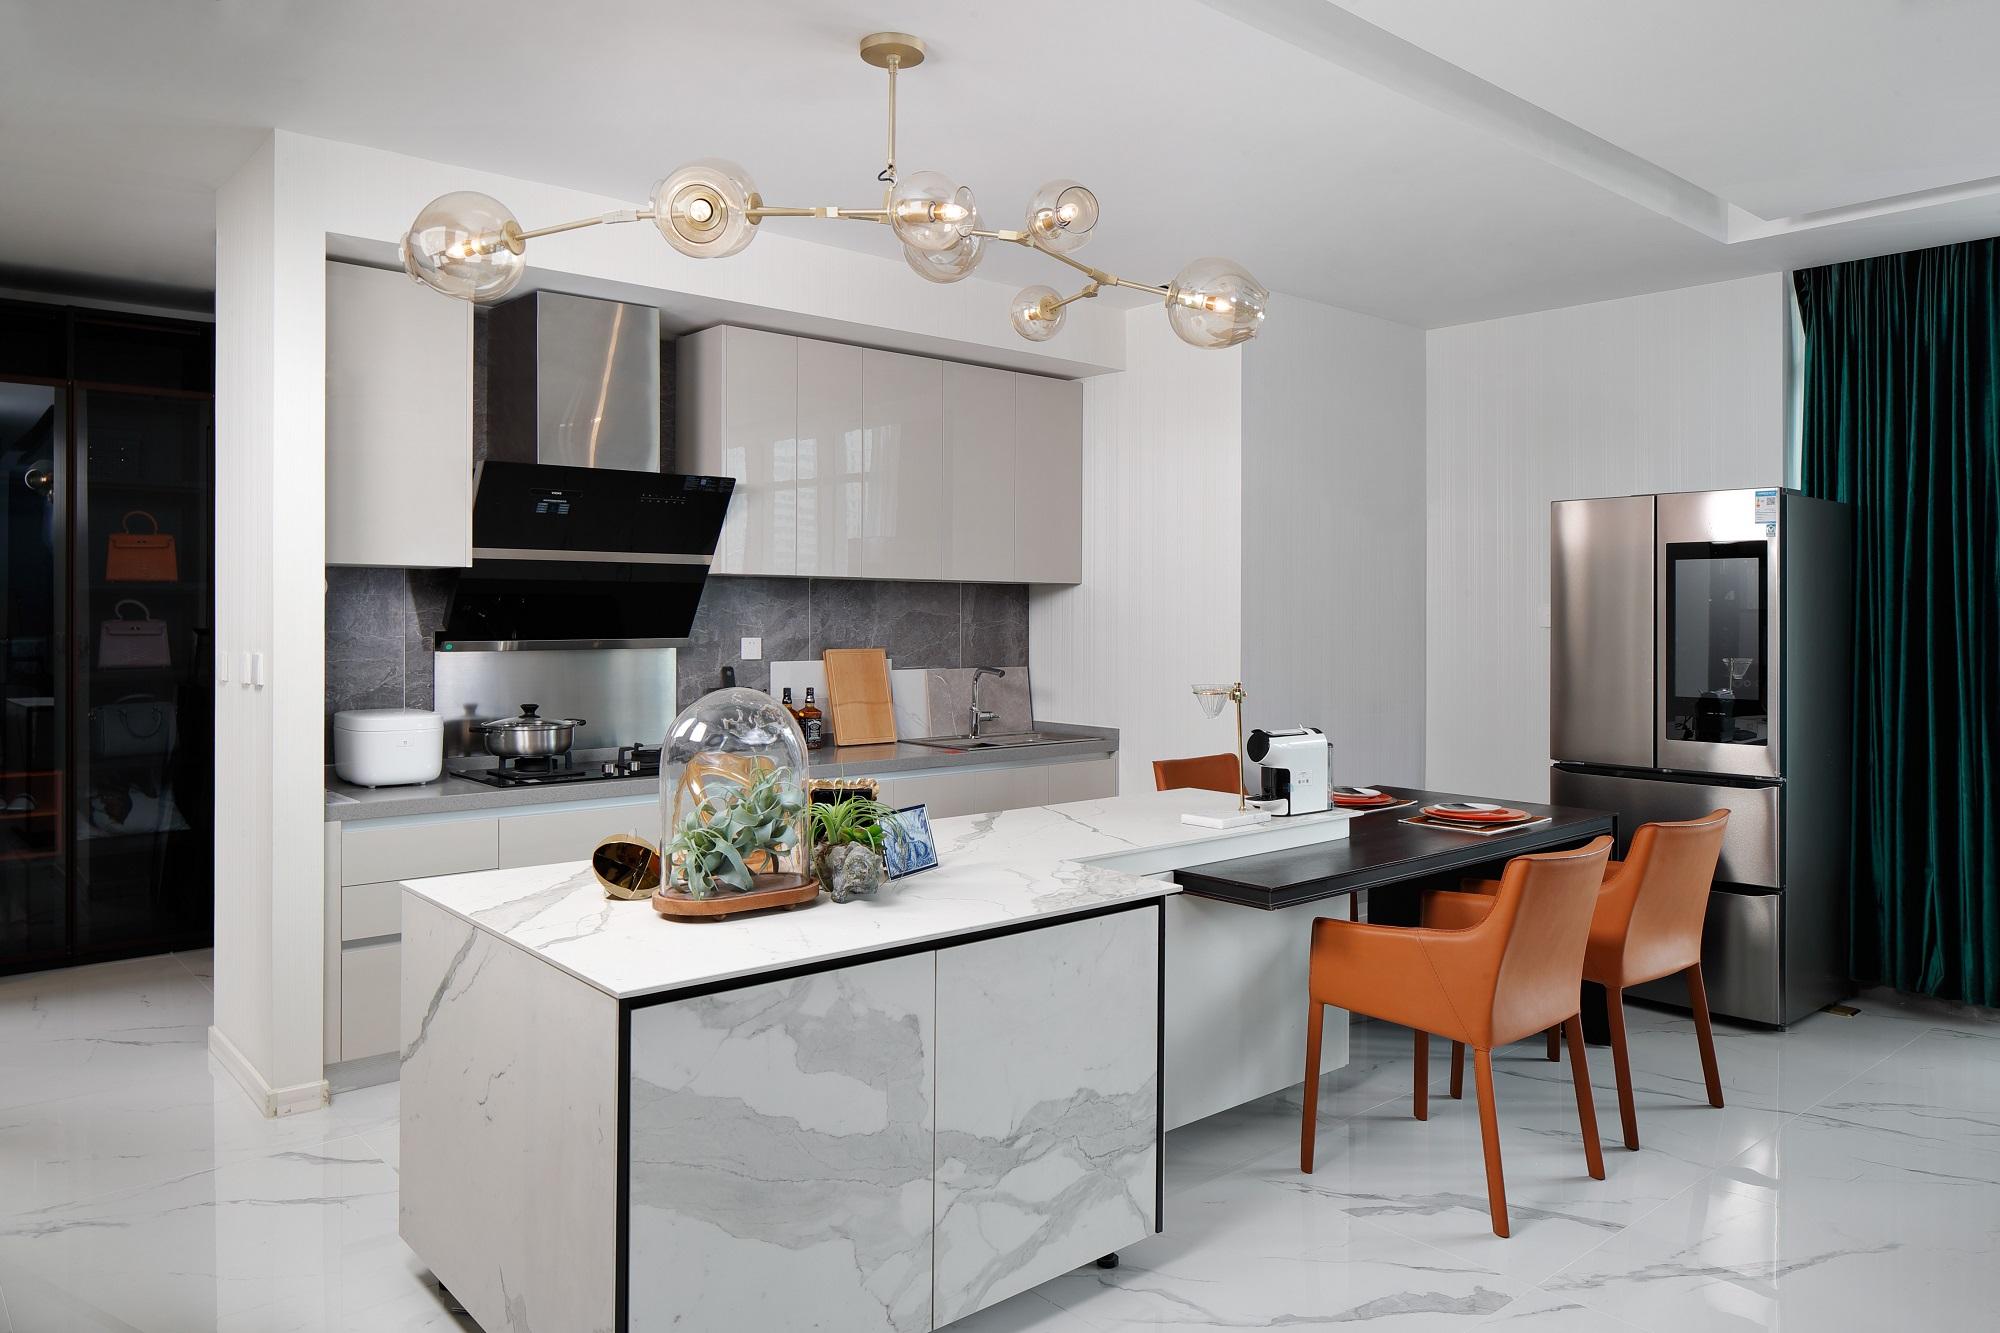 厨房与餐厅合二为一,开放式厨房更富有通透感,岛台设计增加储藏空间的同时,延伸部分做餐桌,和谐自然。